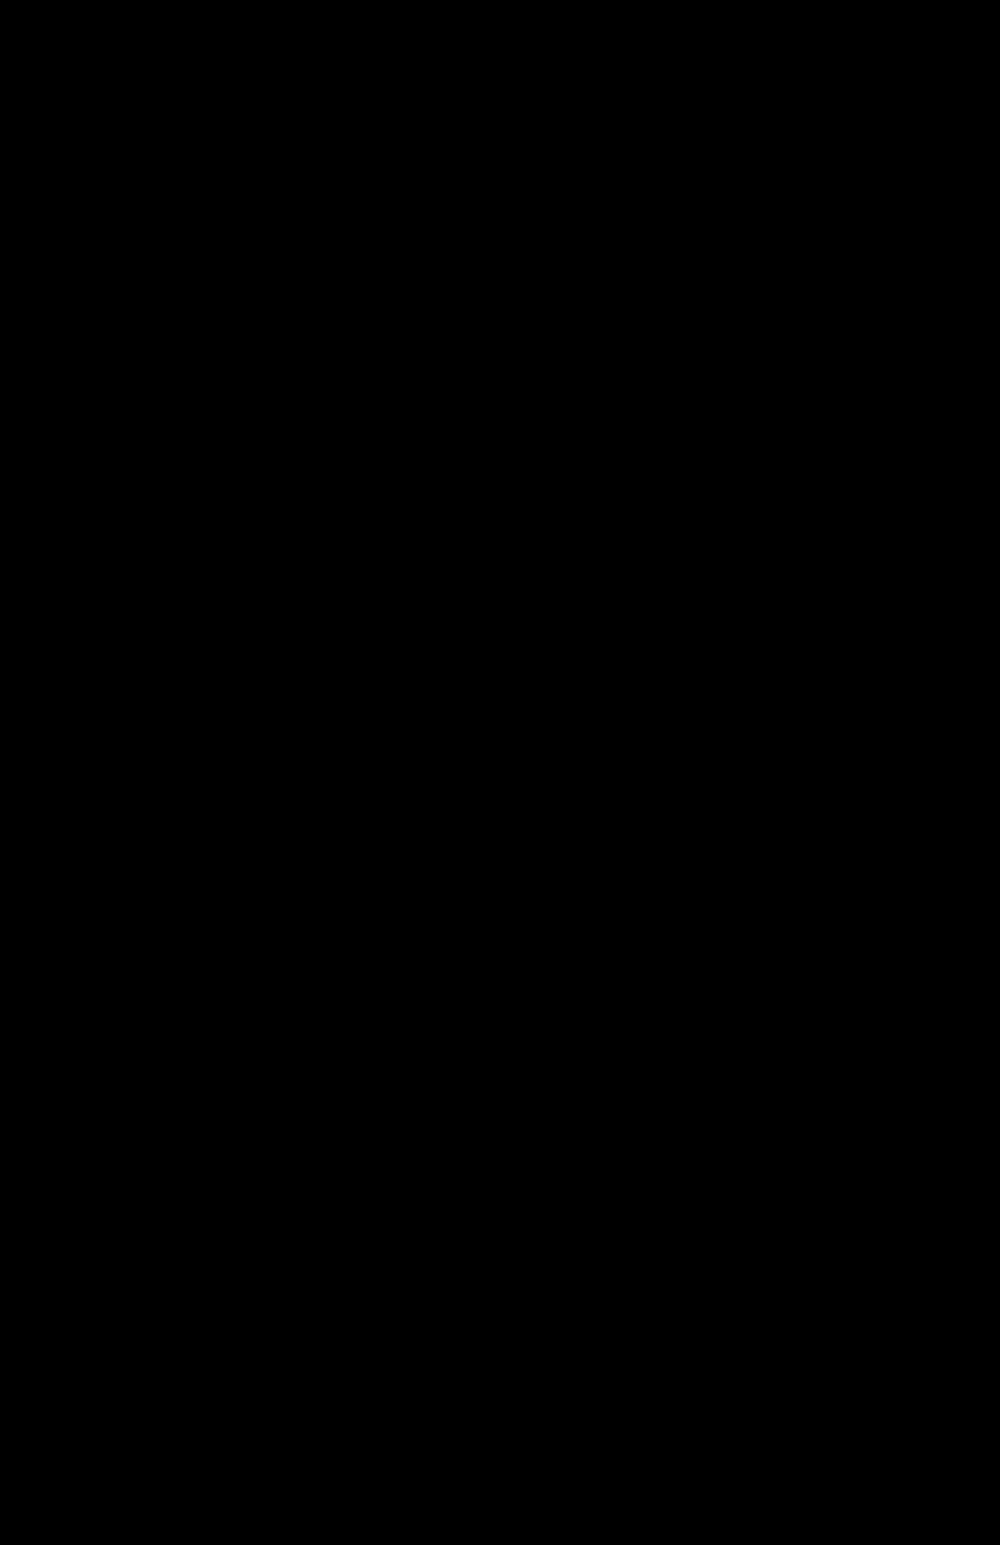 LIH10.jpg